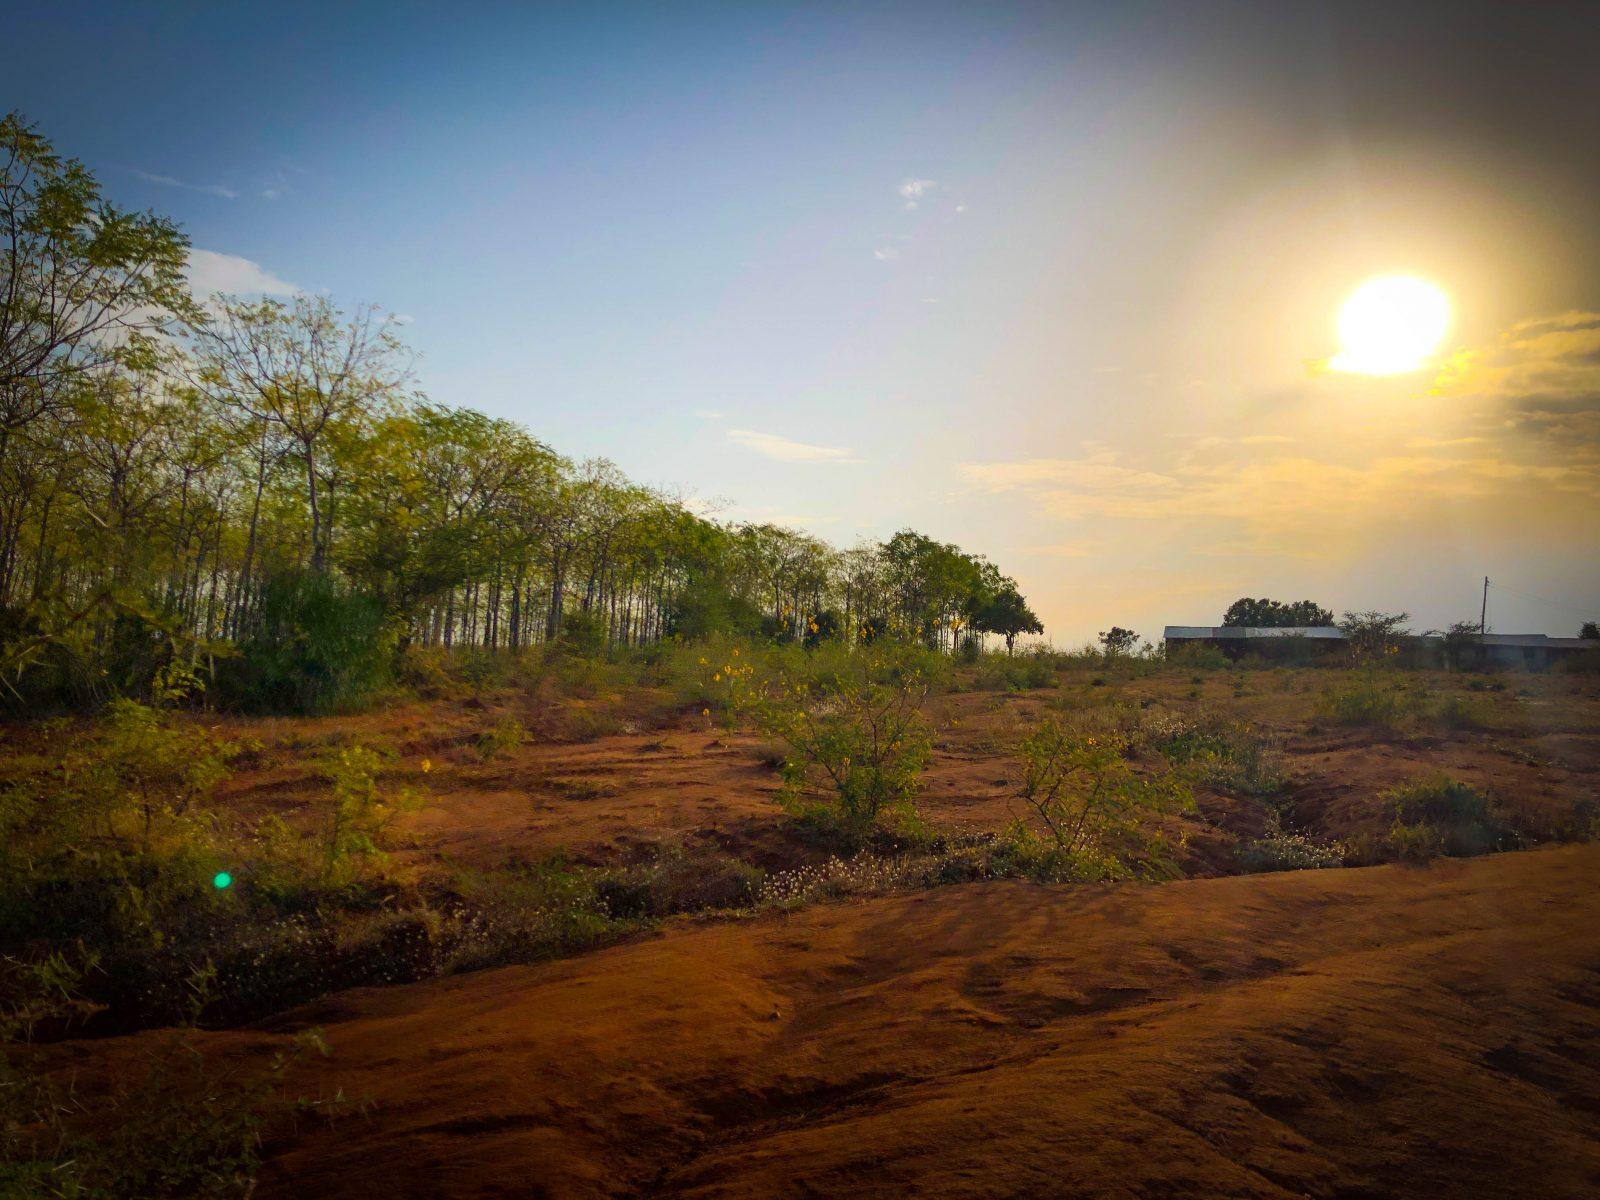 Solnedgång över gränsen mellan plantagen och skolan vid Kiambere-plantagen. Samma plats som visas i en av drönarbilderna.